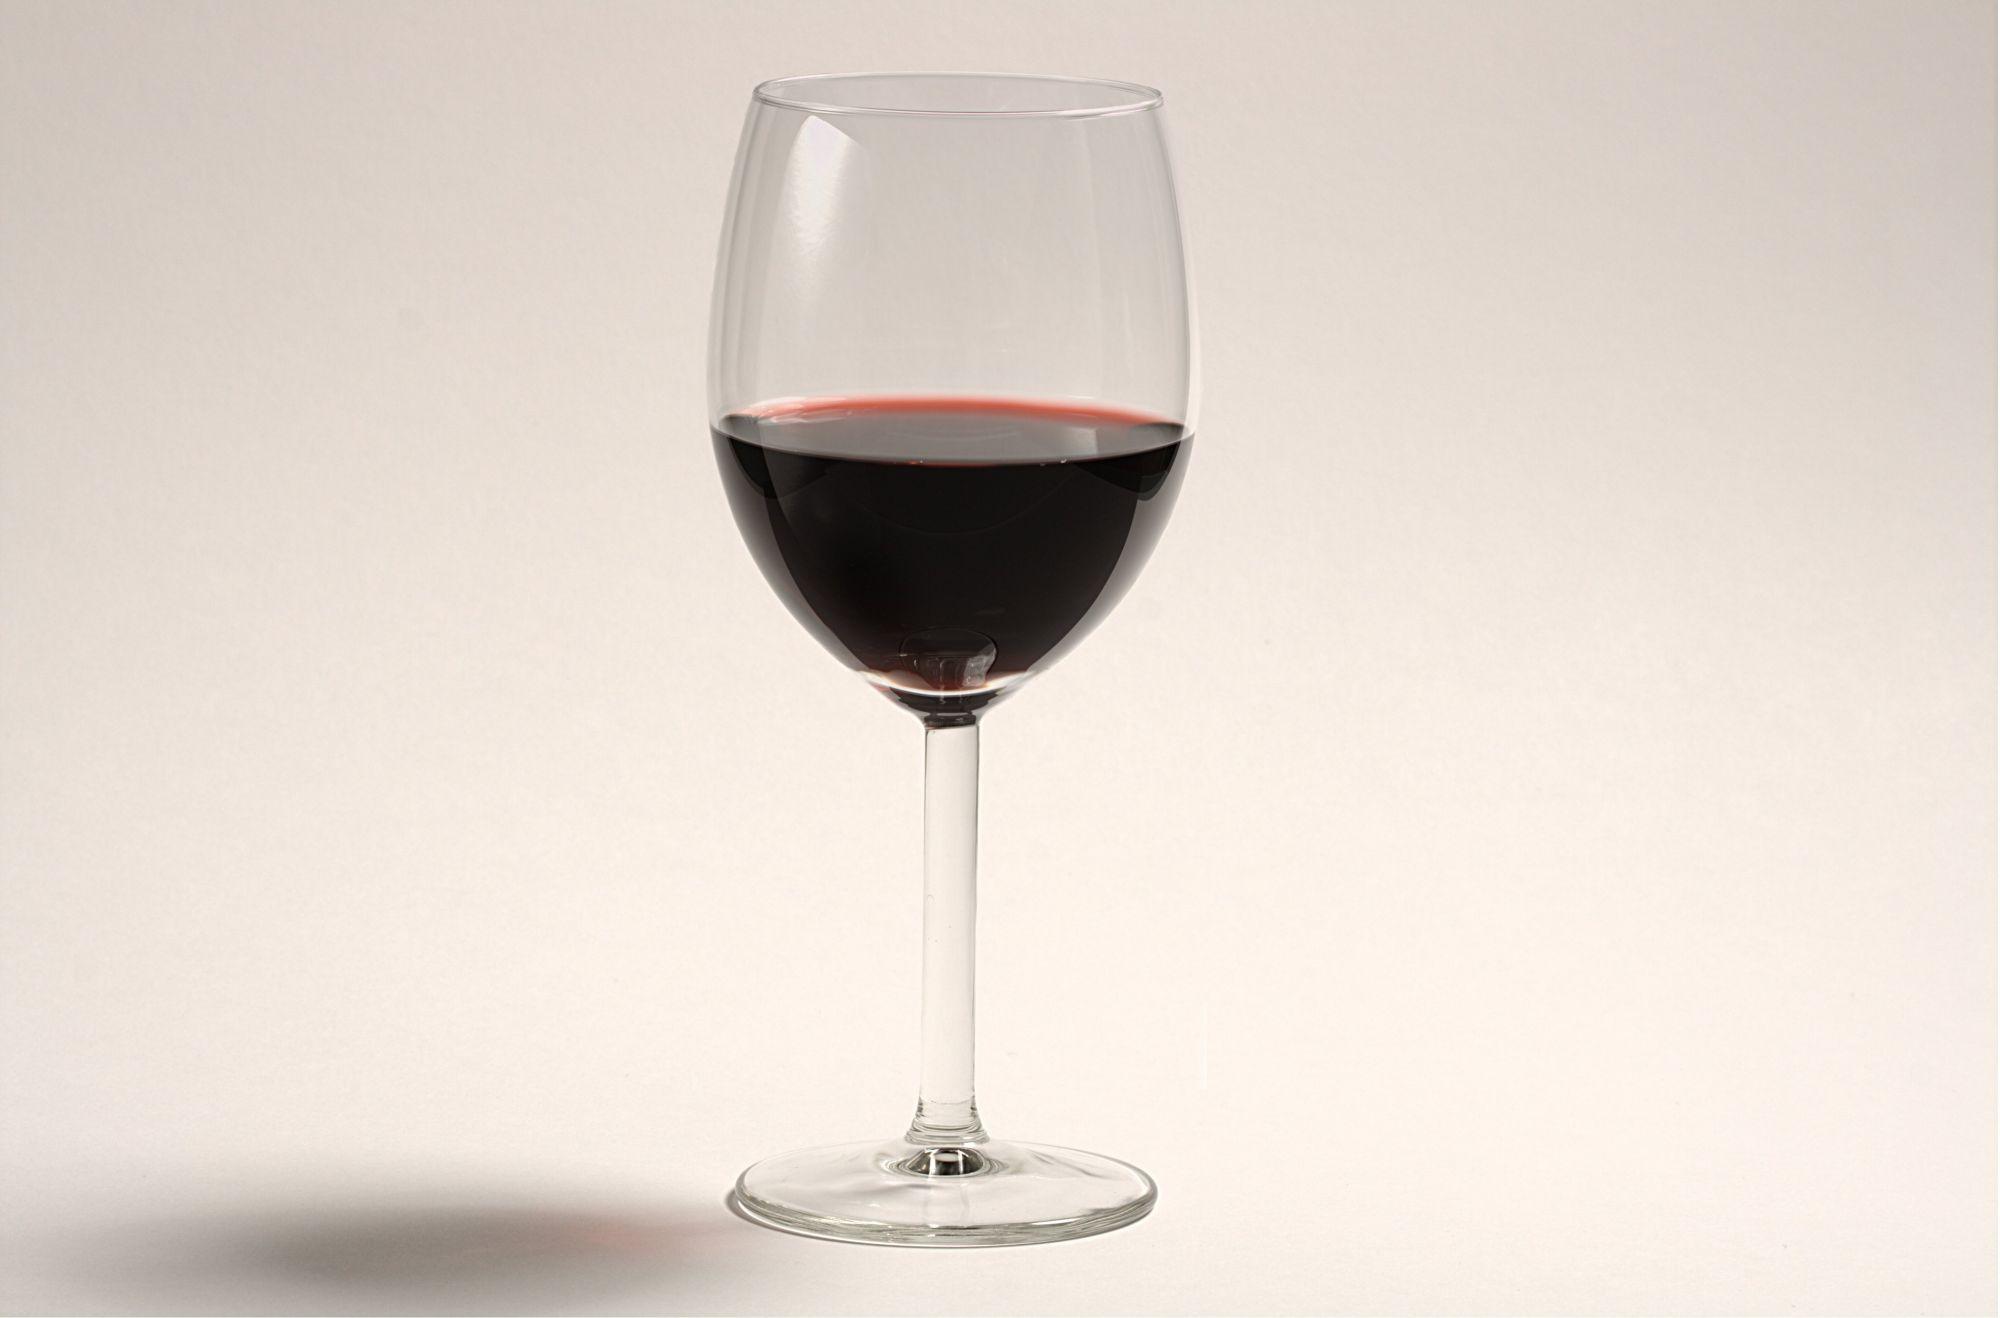 Bordeaux super second : miser sur des vins de qualité, c'est pertinent.